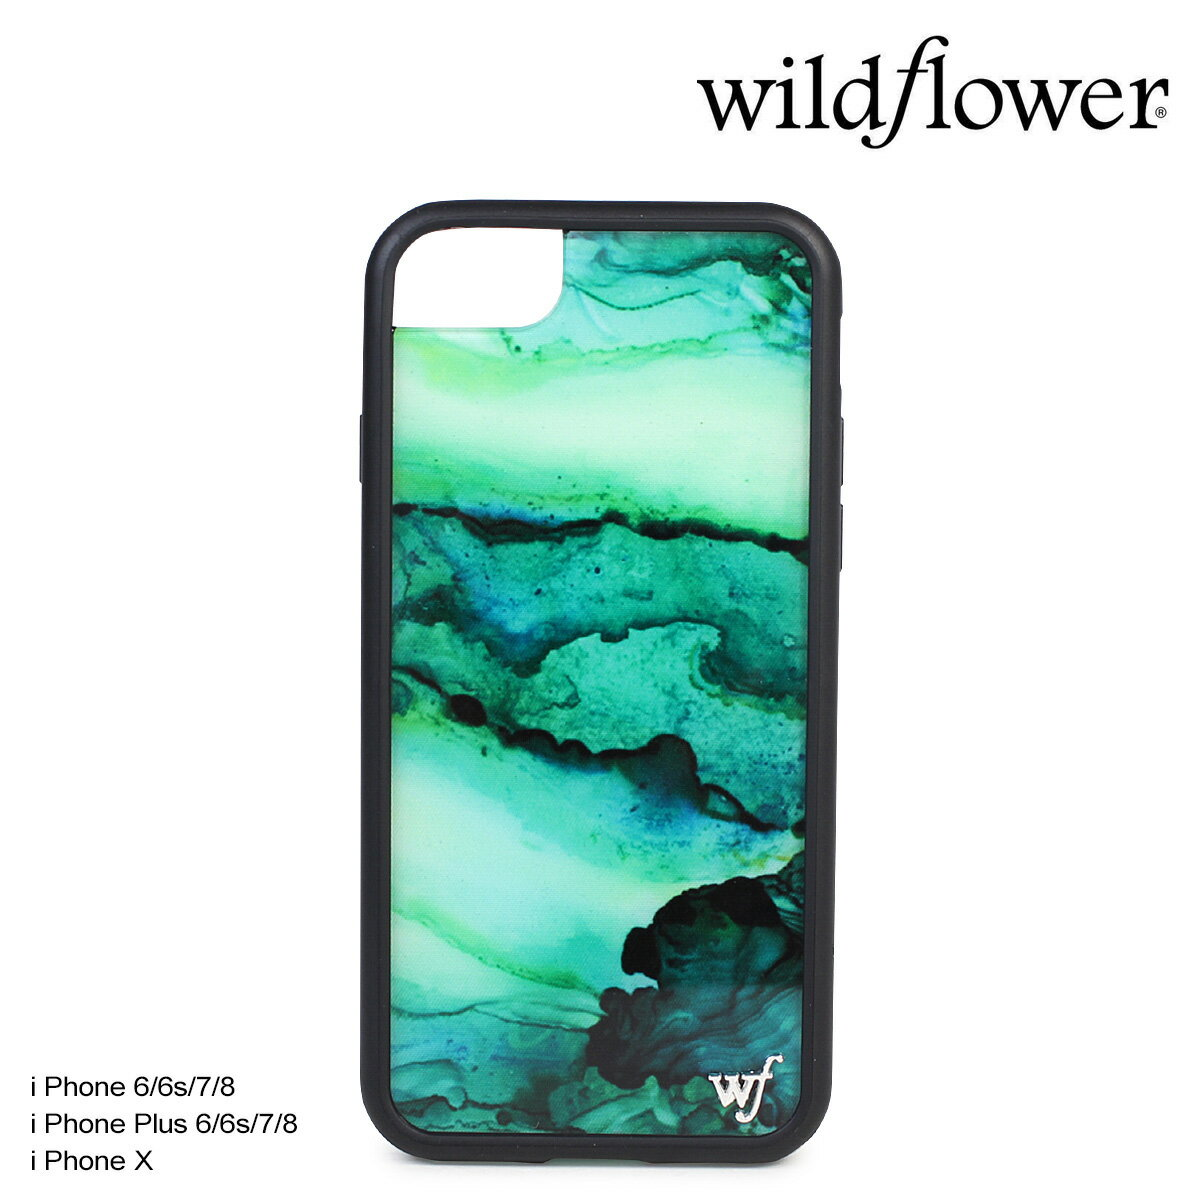 ワイルドフラワー ケース スマホ iPhone8 X wildflower iPhone ケース 7 6s 6 Plus アイフォン レディース ハンドメイド